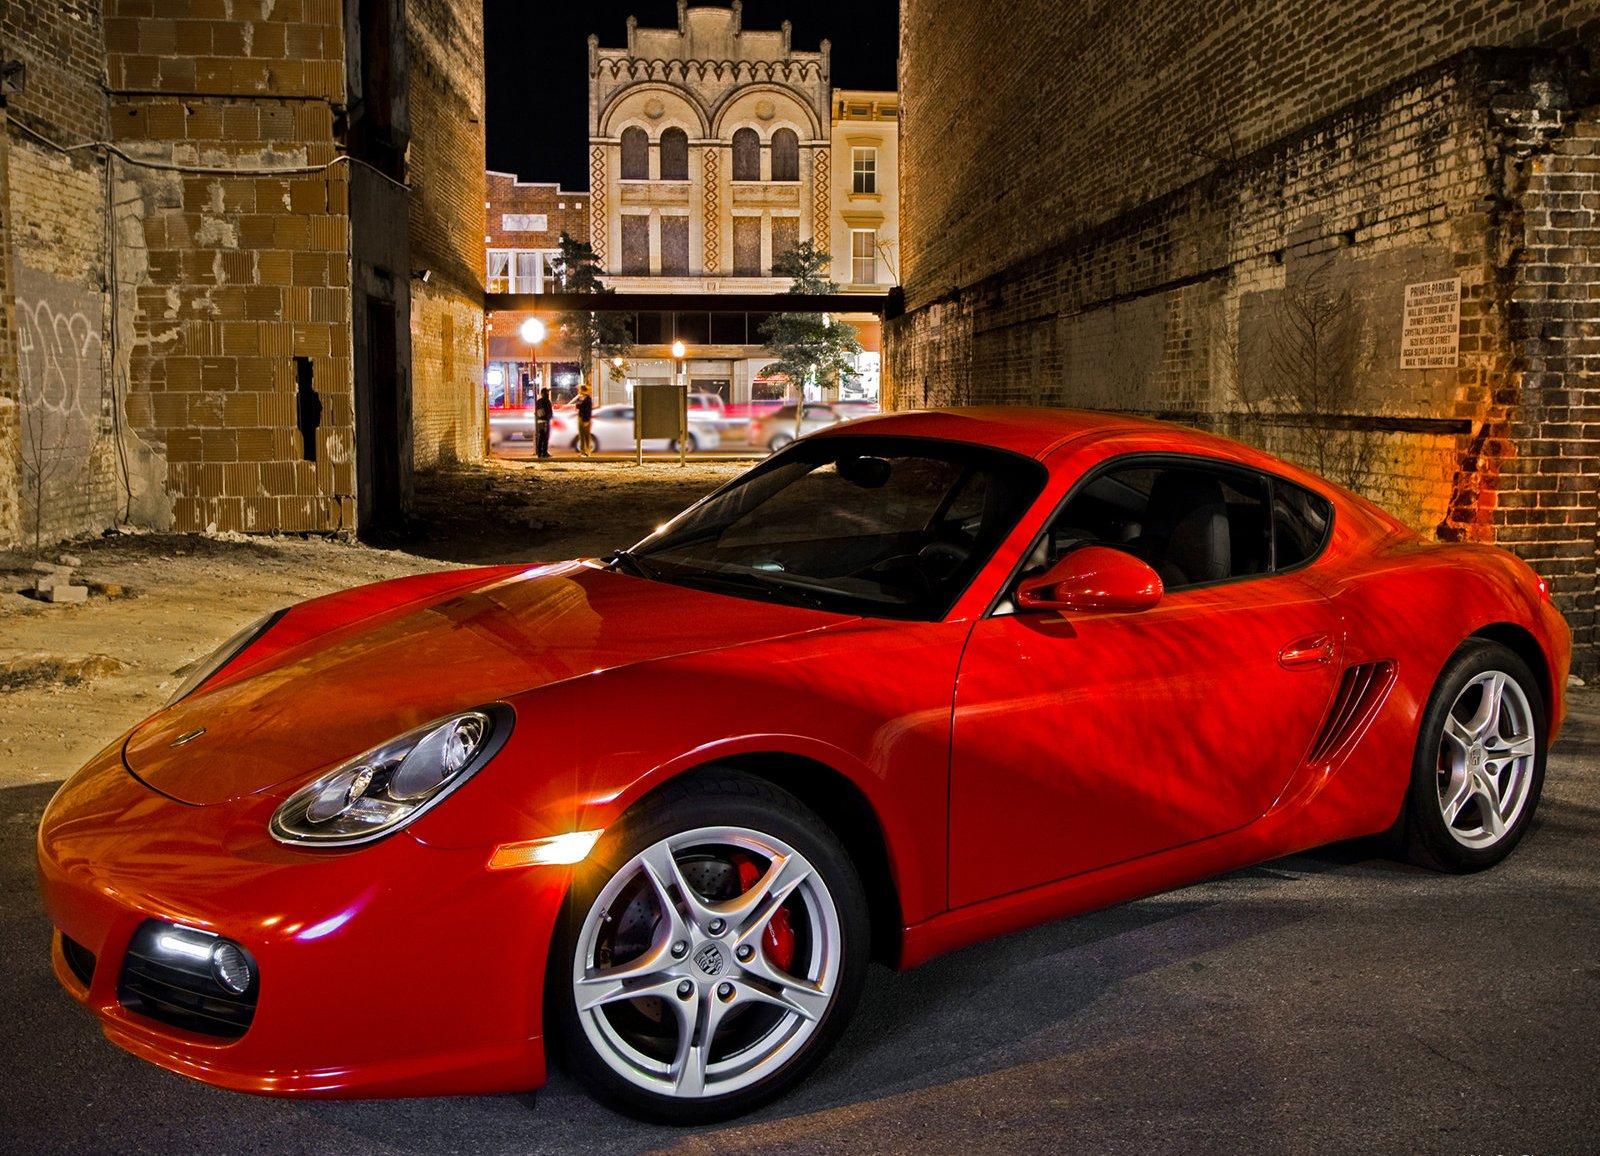 http://3.bp.blogspot.com/-7GBnT9QVBZs/TdoTZ2nA72I/AAAAAAAAAlw/3i-2D1h4IAo/s1600/Porsche-Cayman_S_2009_1600x1200_wallpaper_06.jpg